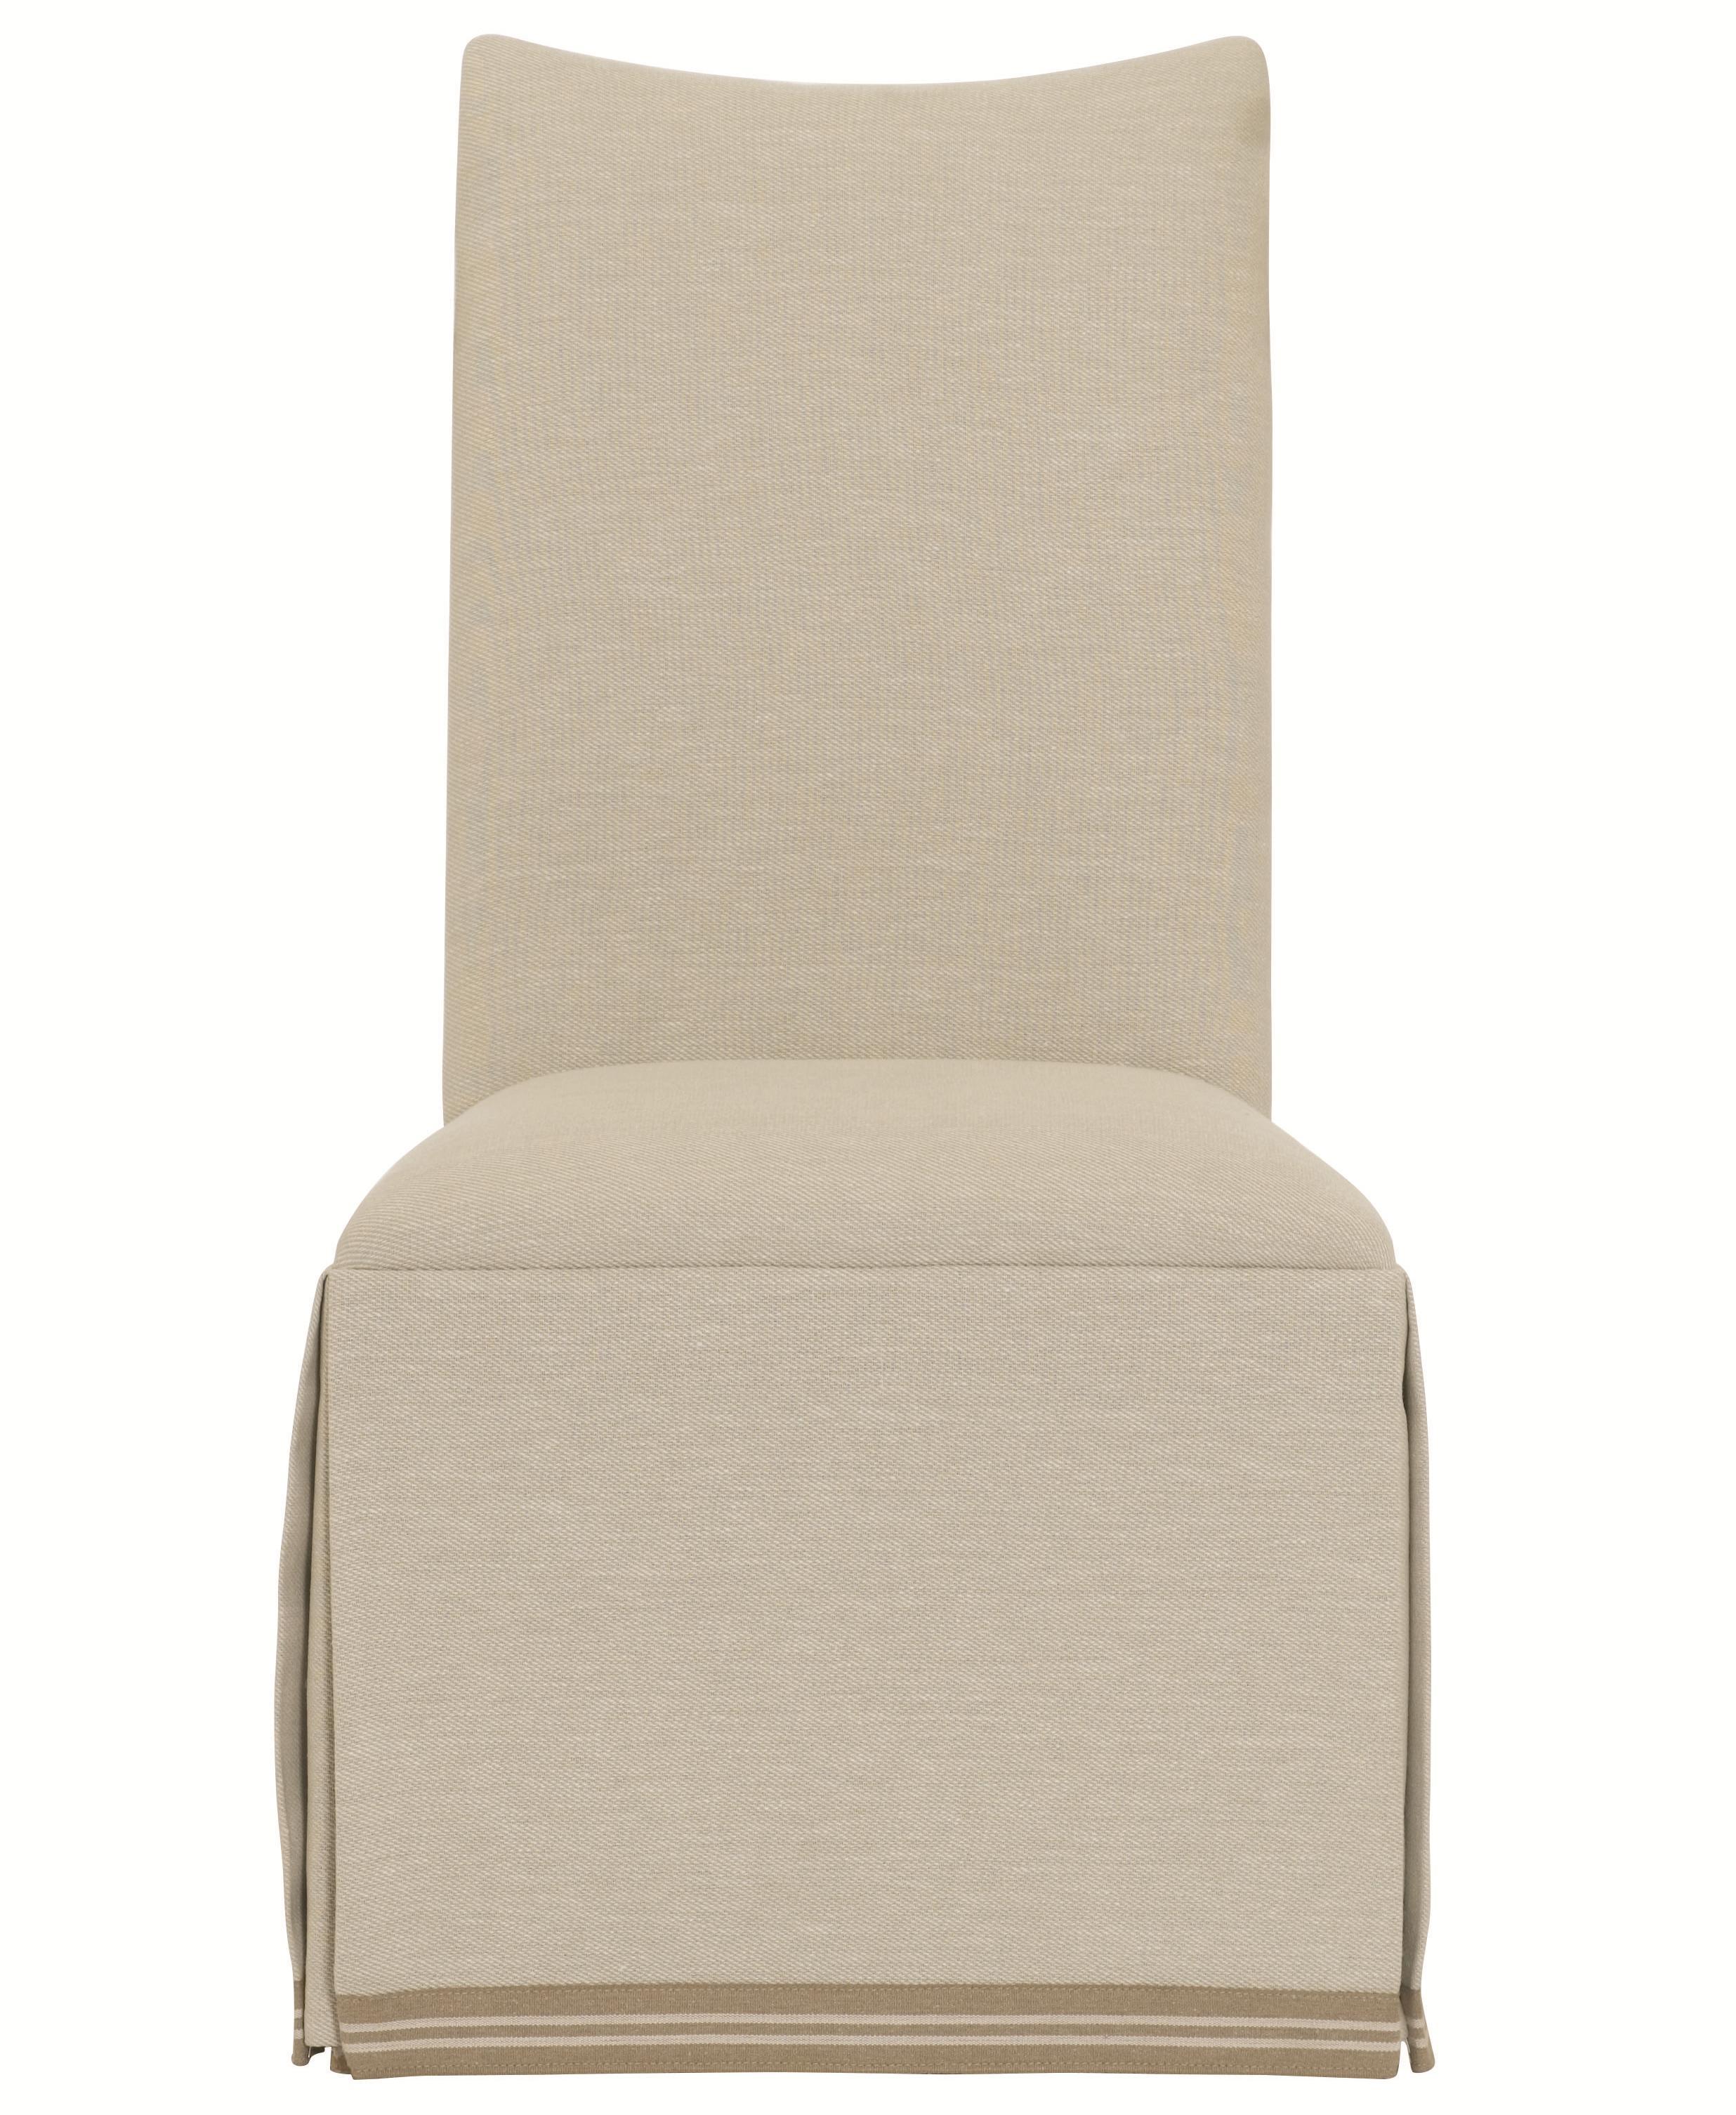 Bernhardt Aurora Aurora Skirted Side Chair - Item Number: 351-503